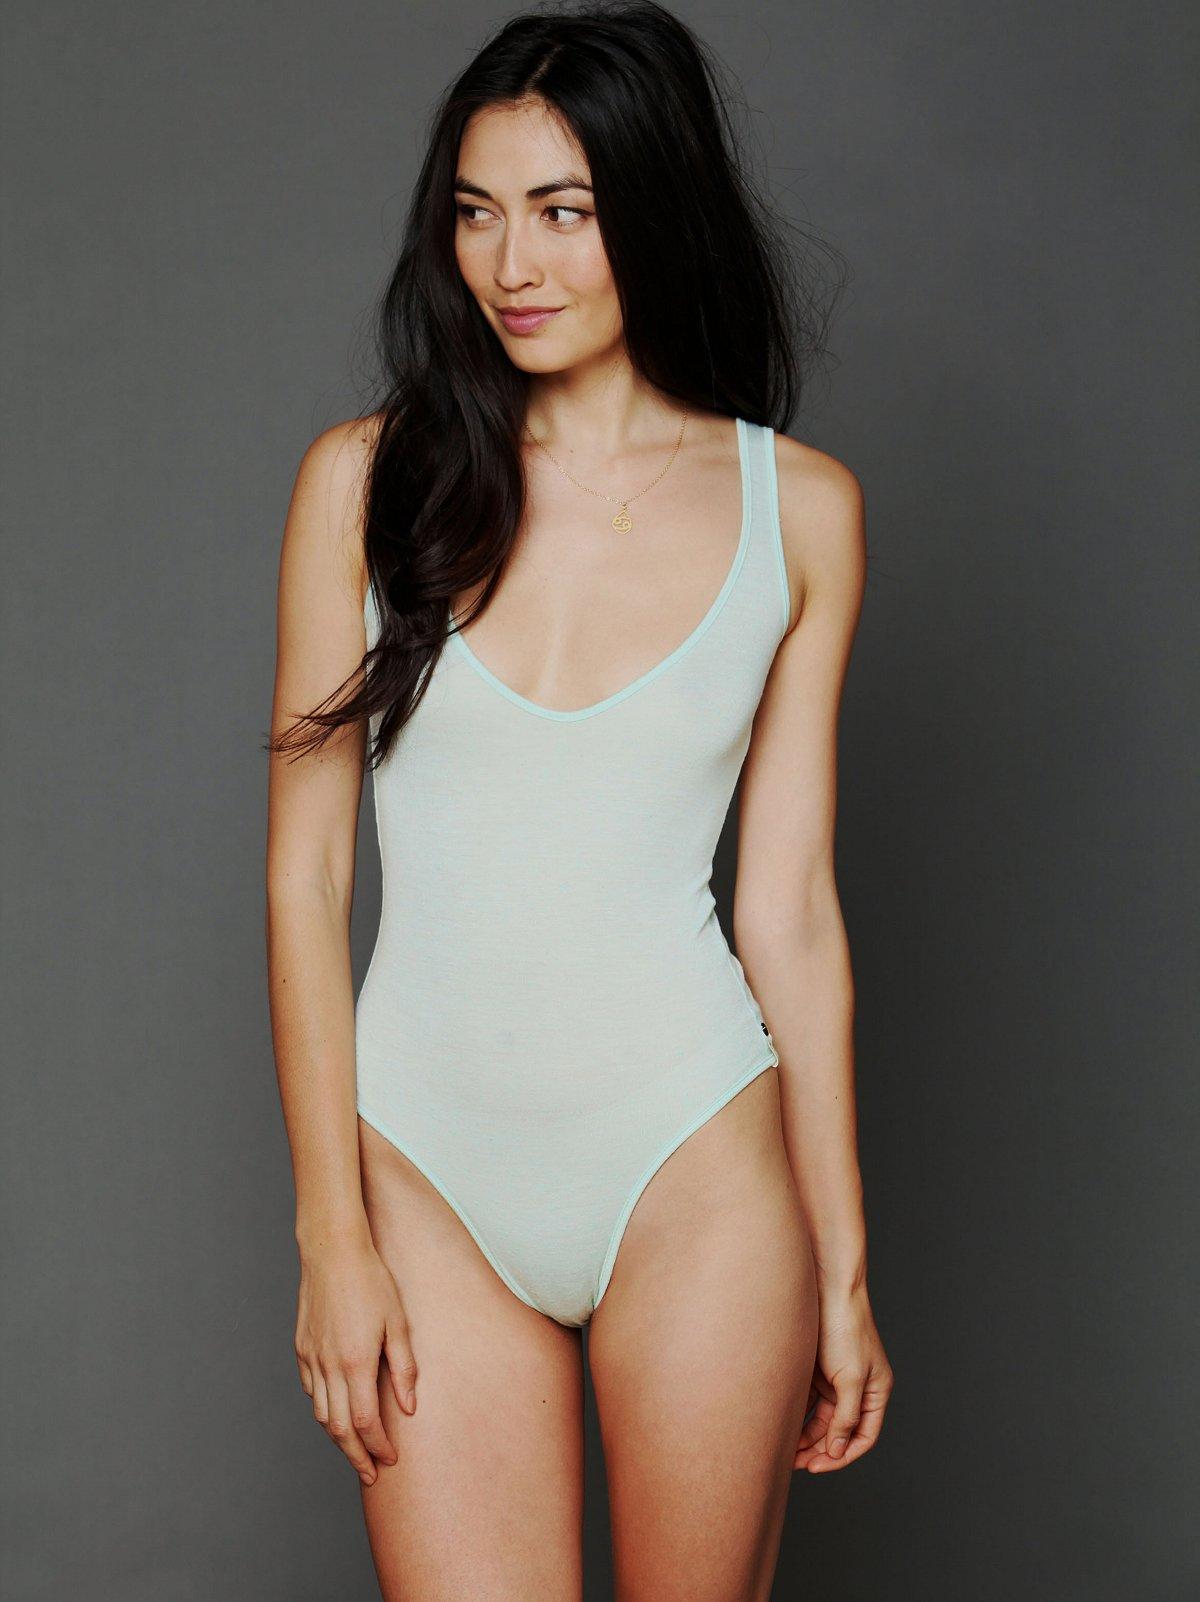 Short Term Bodysuit